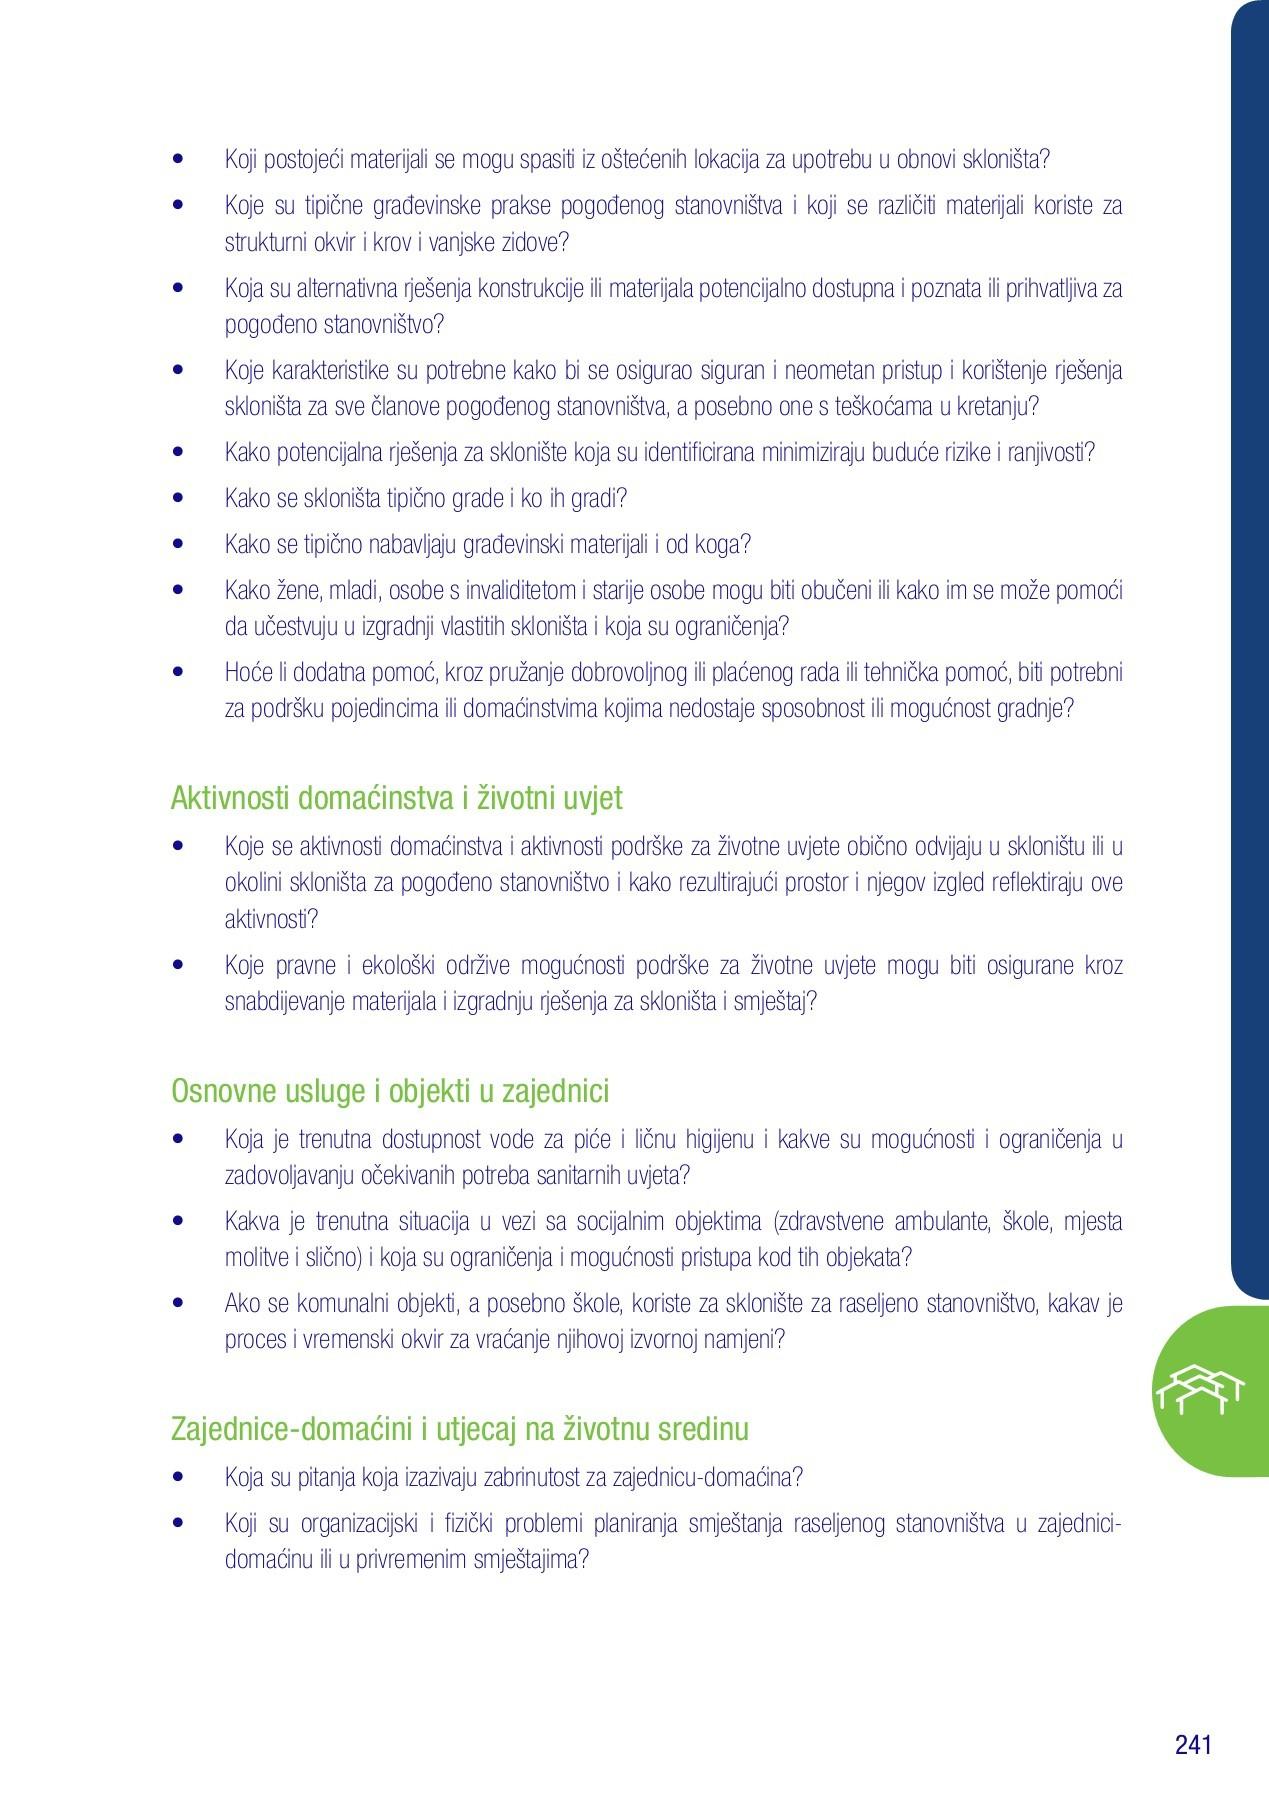 test pitanja za hipertenziju)